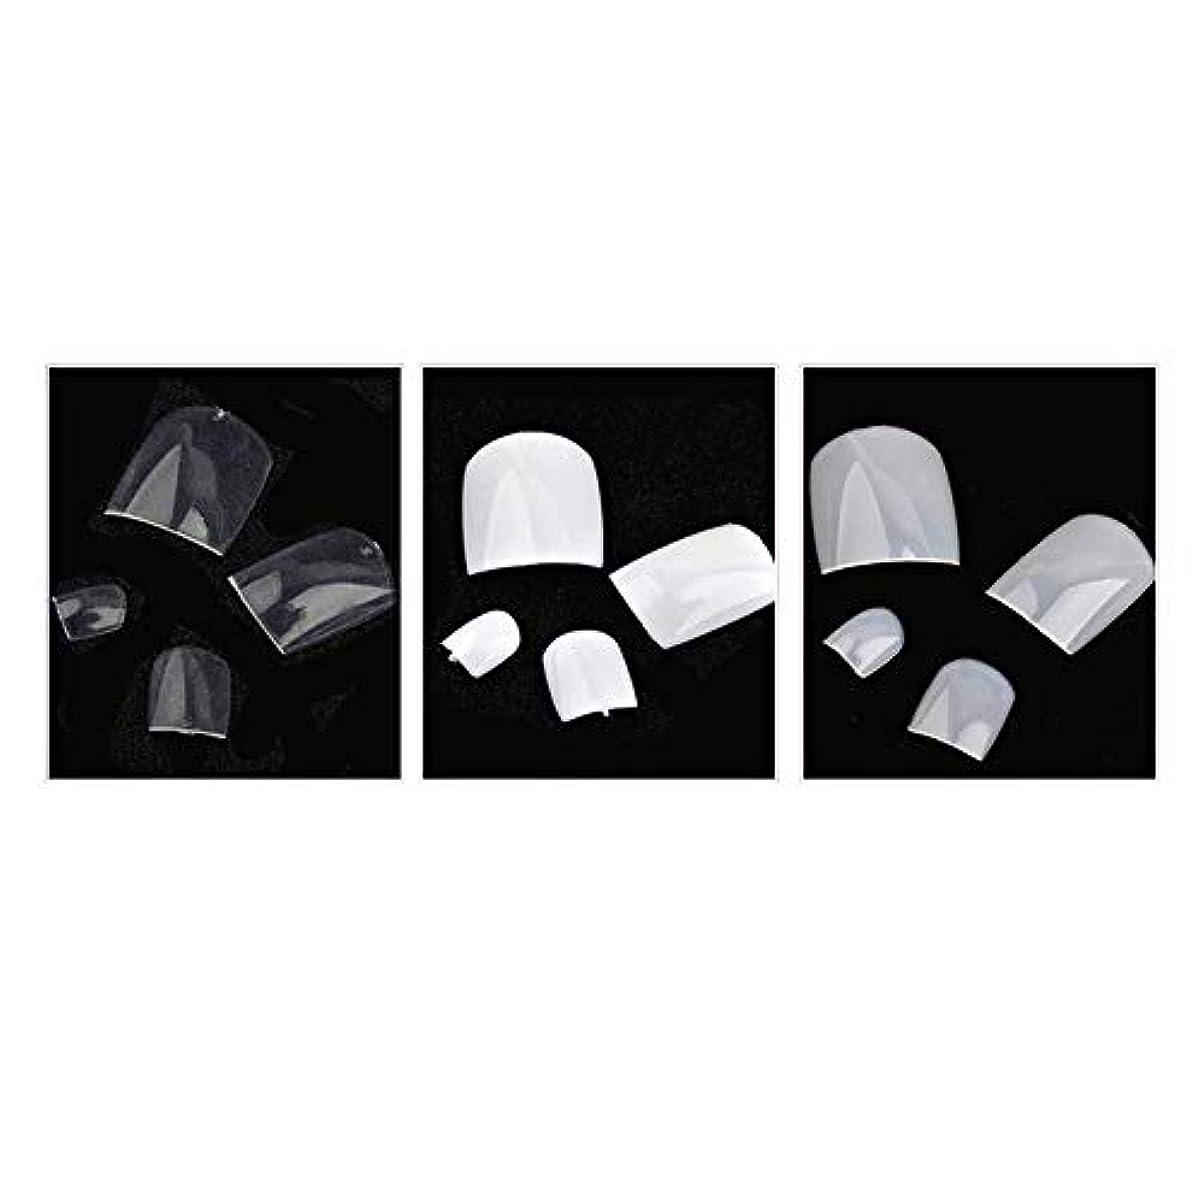 位置づける推論チロネイルチップ 足用 手作りネイルチップ つけ爪 ファッション 全3色 約600枚 シンプル パーティー、二次会などに適用 Moomai